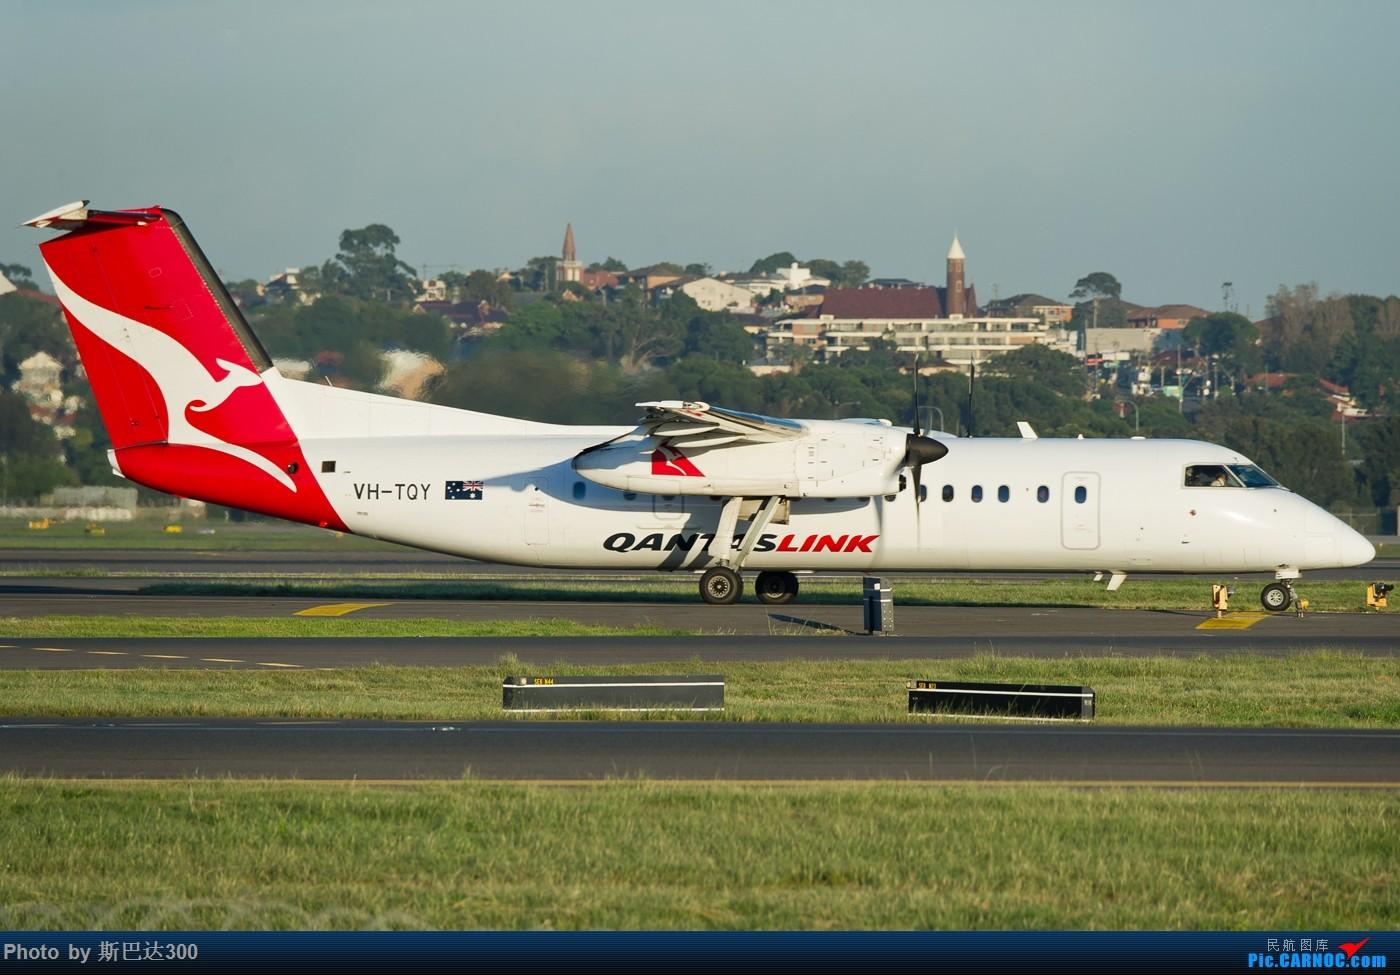 Re:[原创]发点儿存货 DHC-8-315Q DASH 8 VH-TQY 澳大利亚悉尼金斯福德·史密斯机场